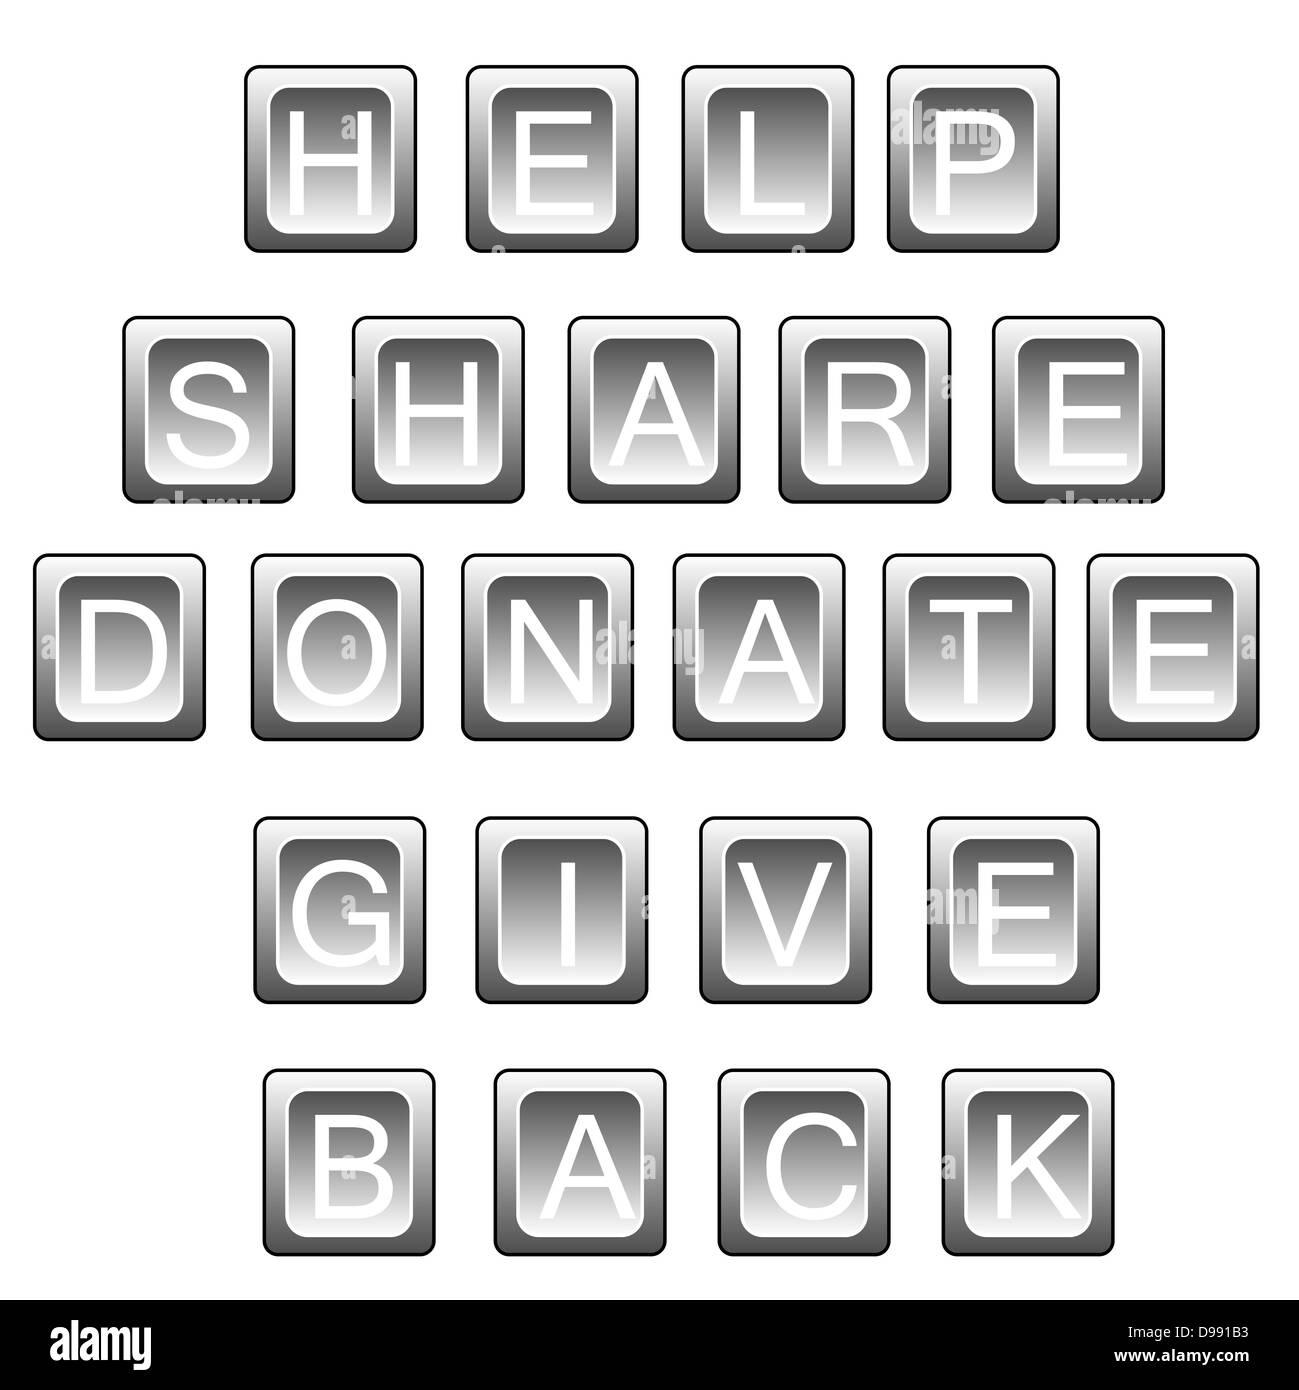 Termini correlati per aiutare (help, condividere donare, dare indietro) in lettere della tastiera, isolato su bianco. Immagini Stock